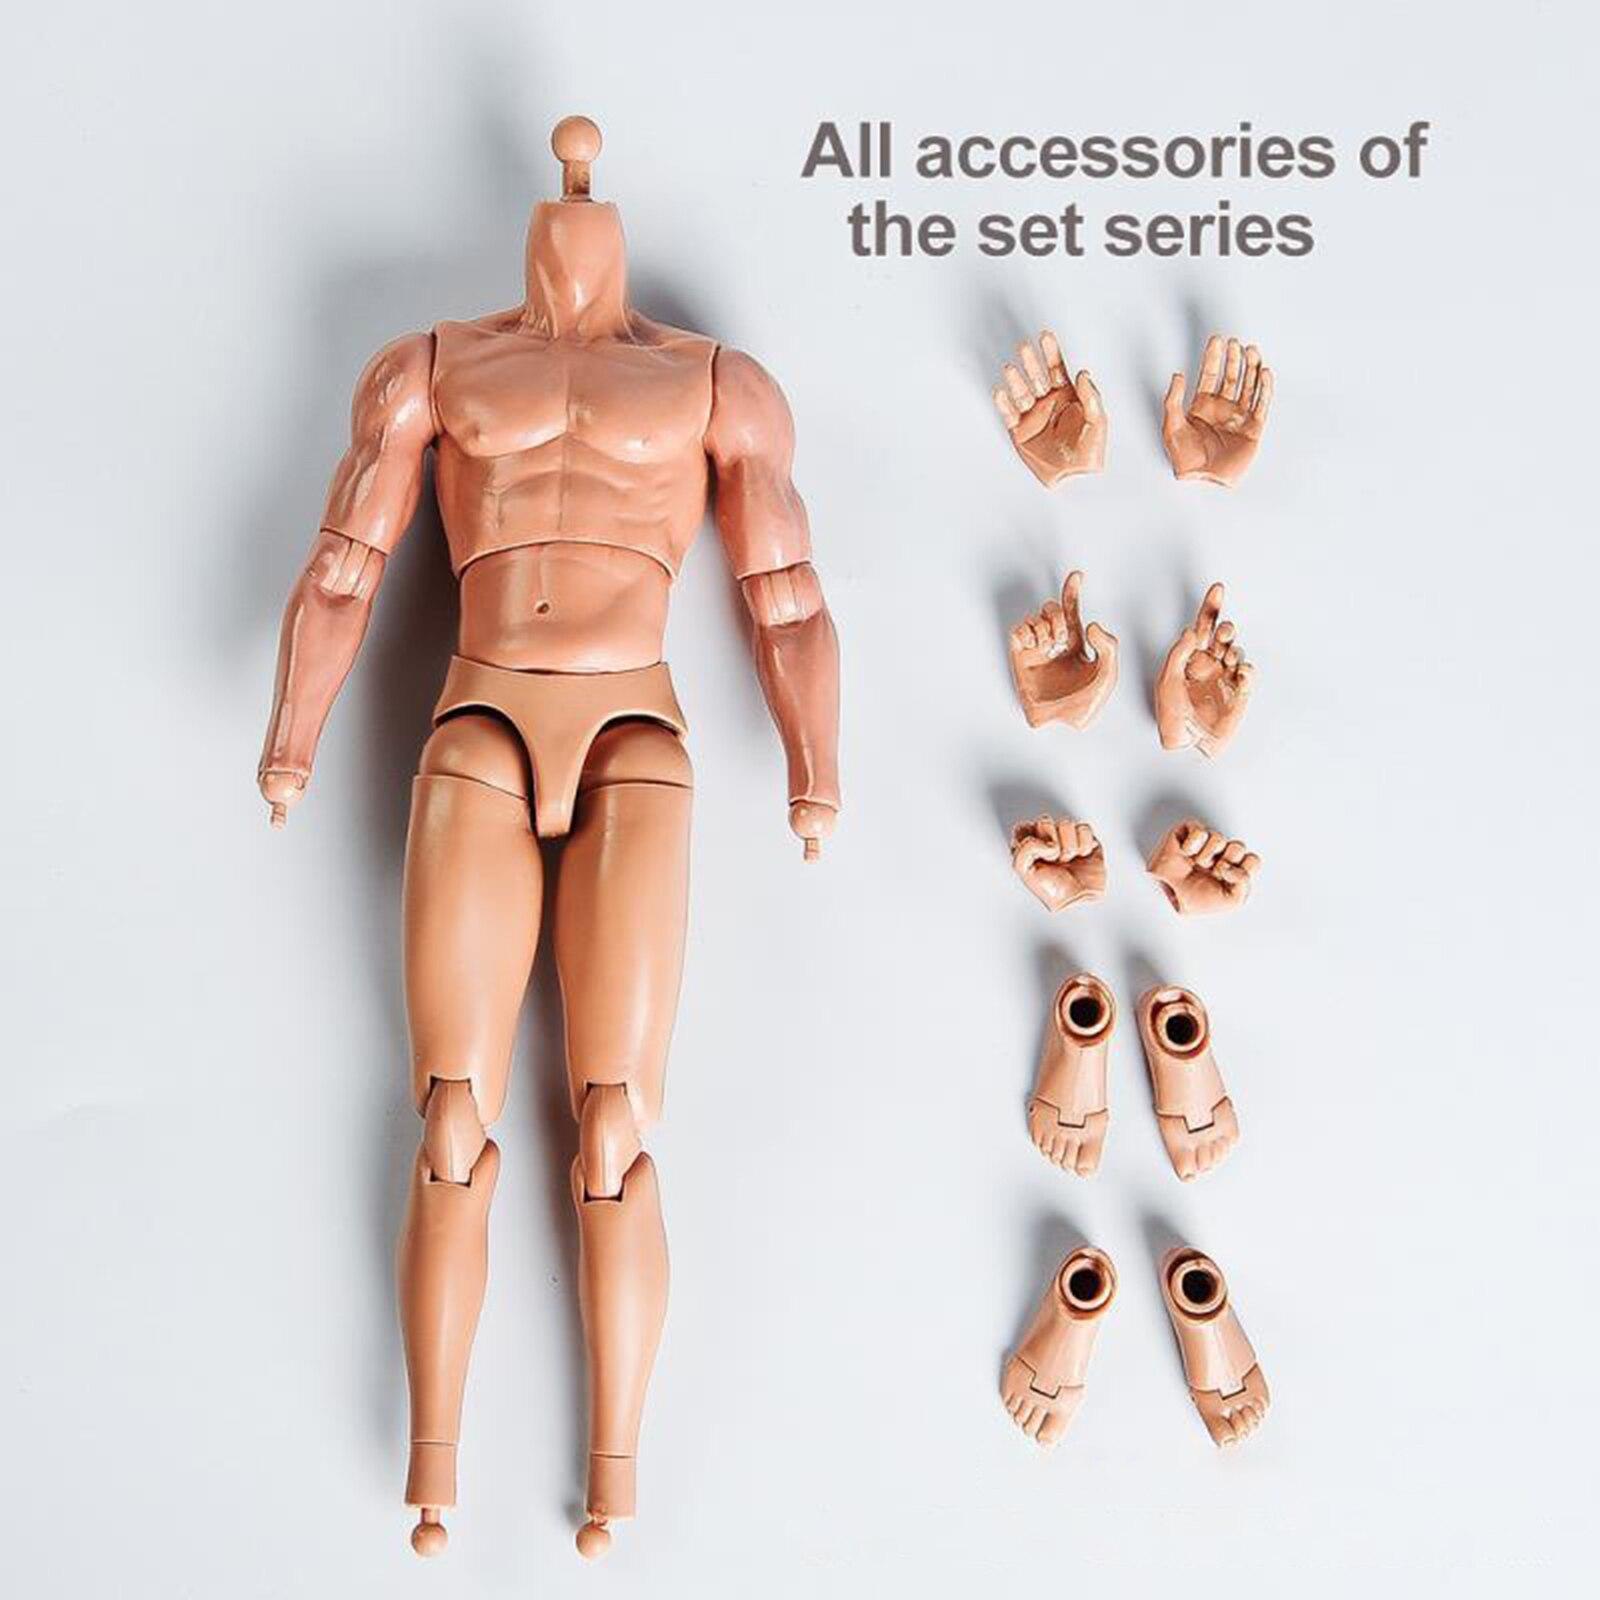 1:6 весы гибкие бесшовные рисунок реалистичный составной фигурка мускулистый мужской обнаженное тело Фигурки игрушки 12 дюймов Высота куклы для коллекции подарки|Игровые фигурки и трансформеры|   | АлиЭкспресс